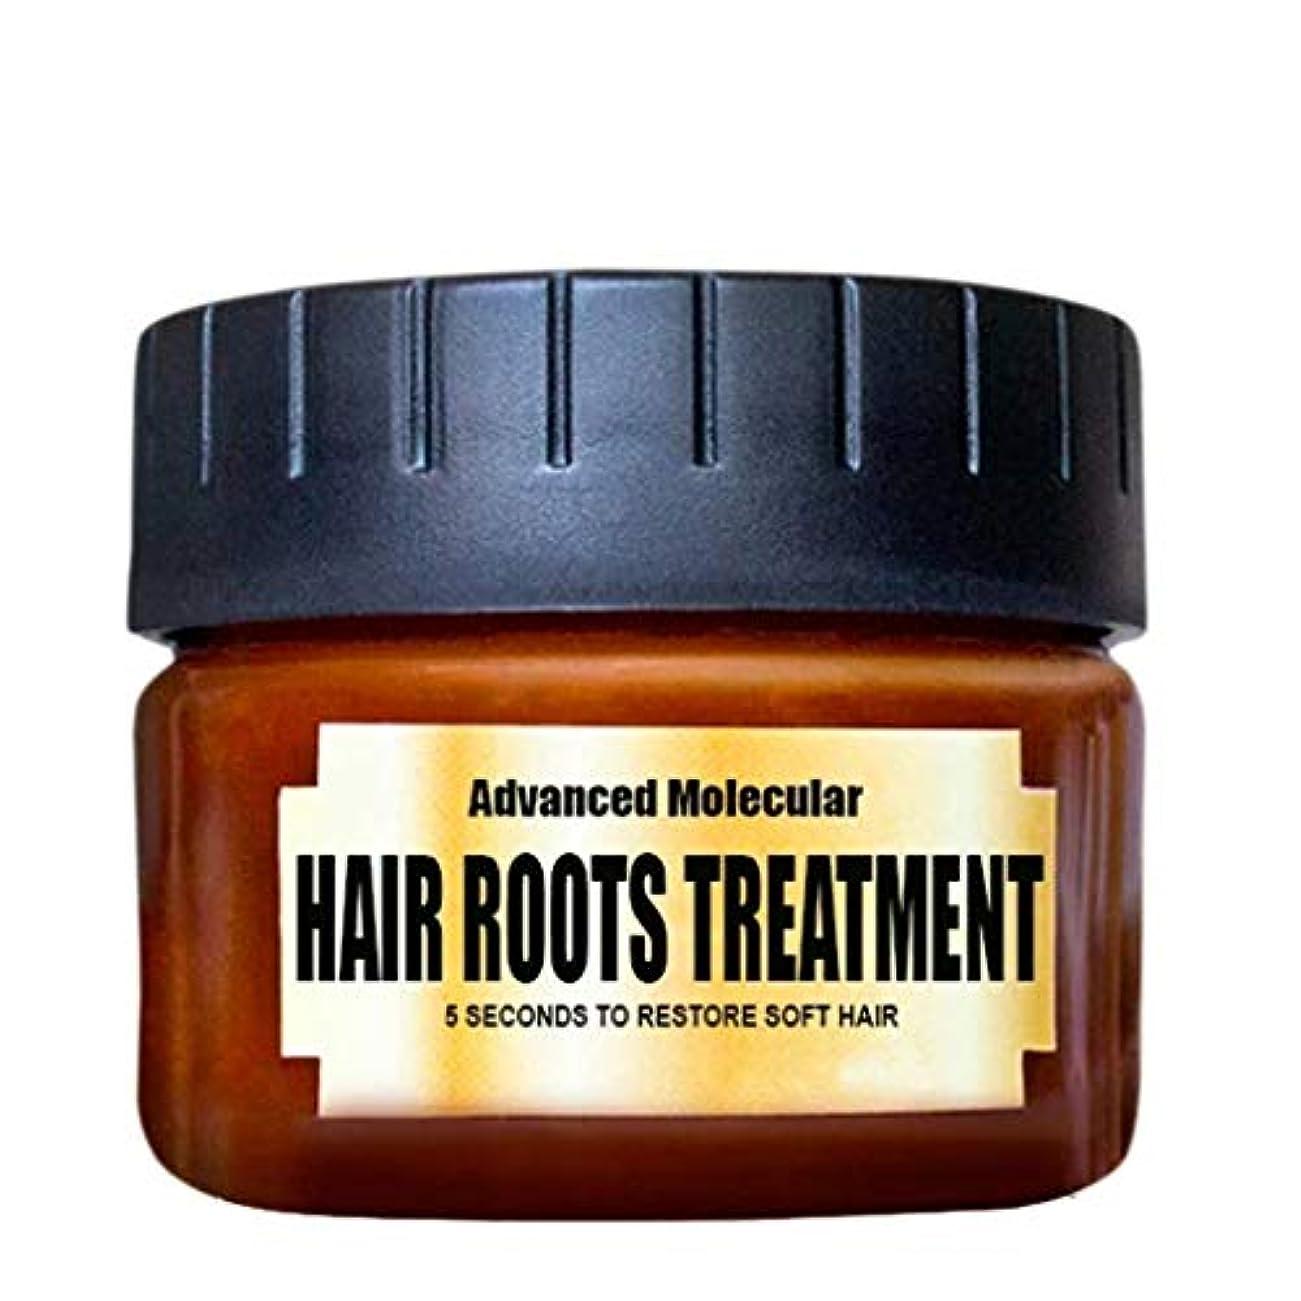 大工感染するベッドを作るOdette ヘアケアエッセンスヘアルーツトリートメント健康的なソフトヘアケアエッセンスを修復柔らかい髪を取り戻す弾力性を取り戻し健康を取り戻し効果的で便利 (60ml)